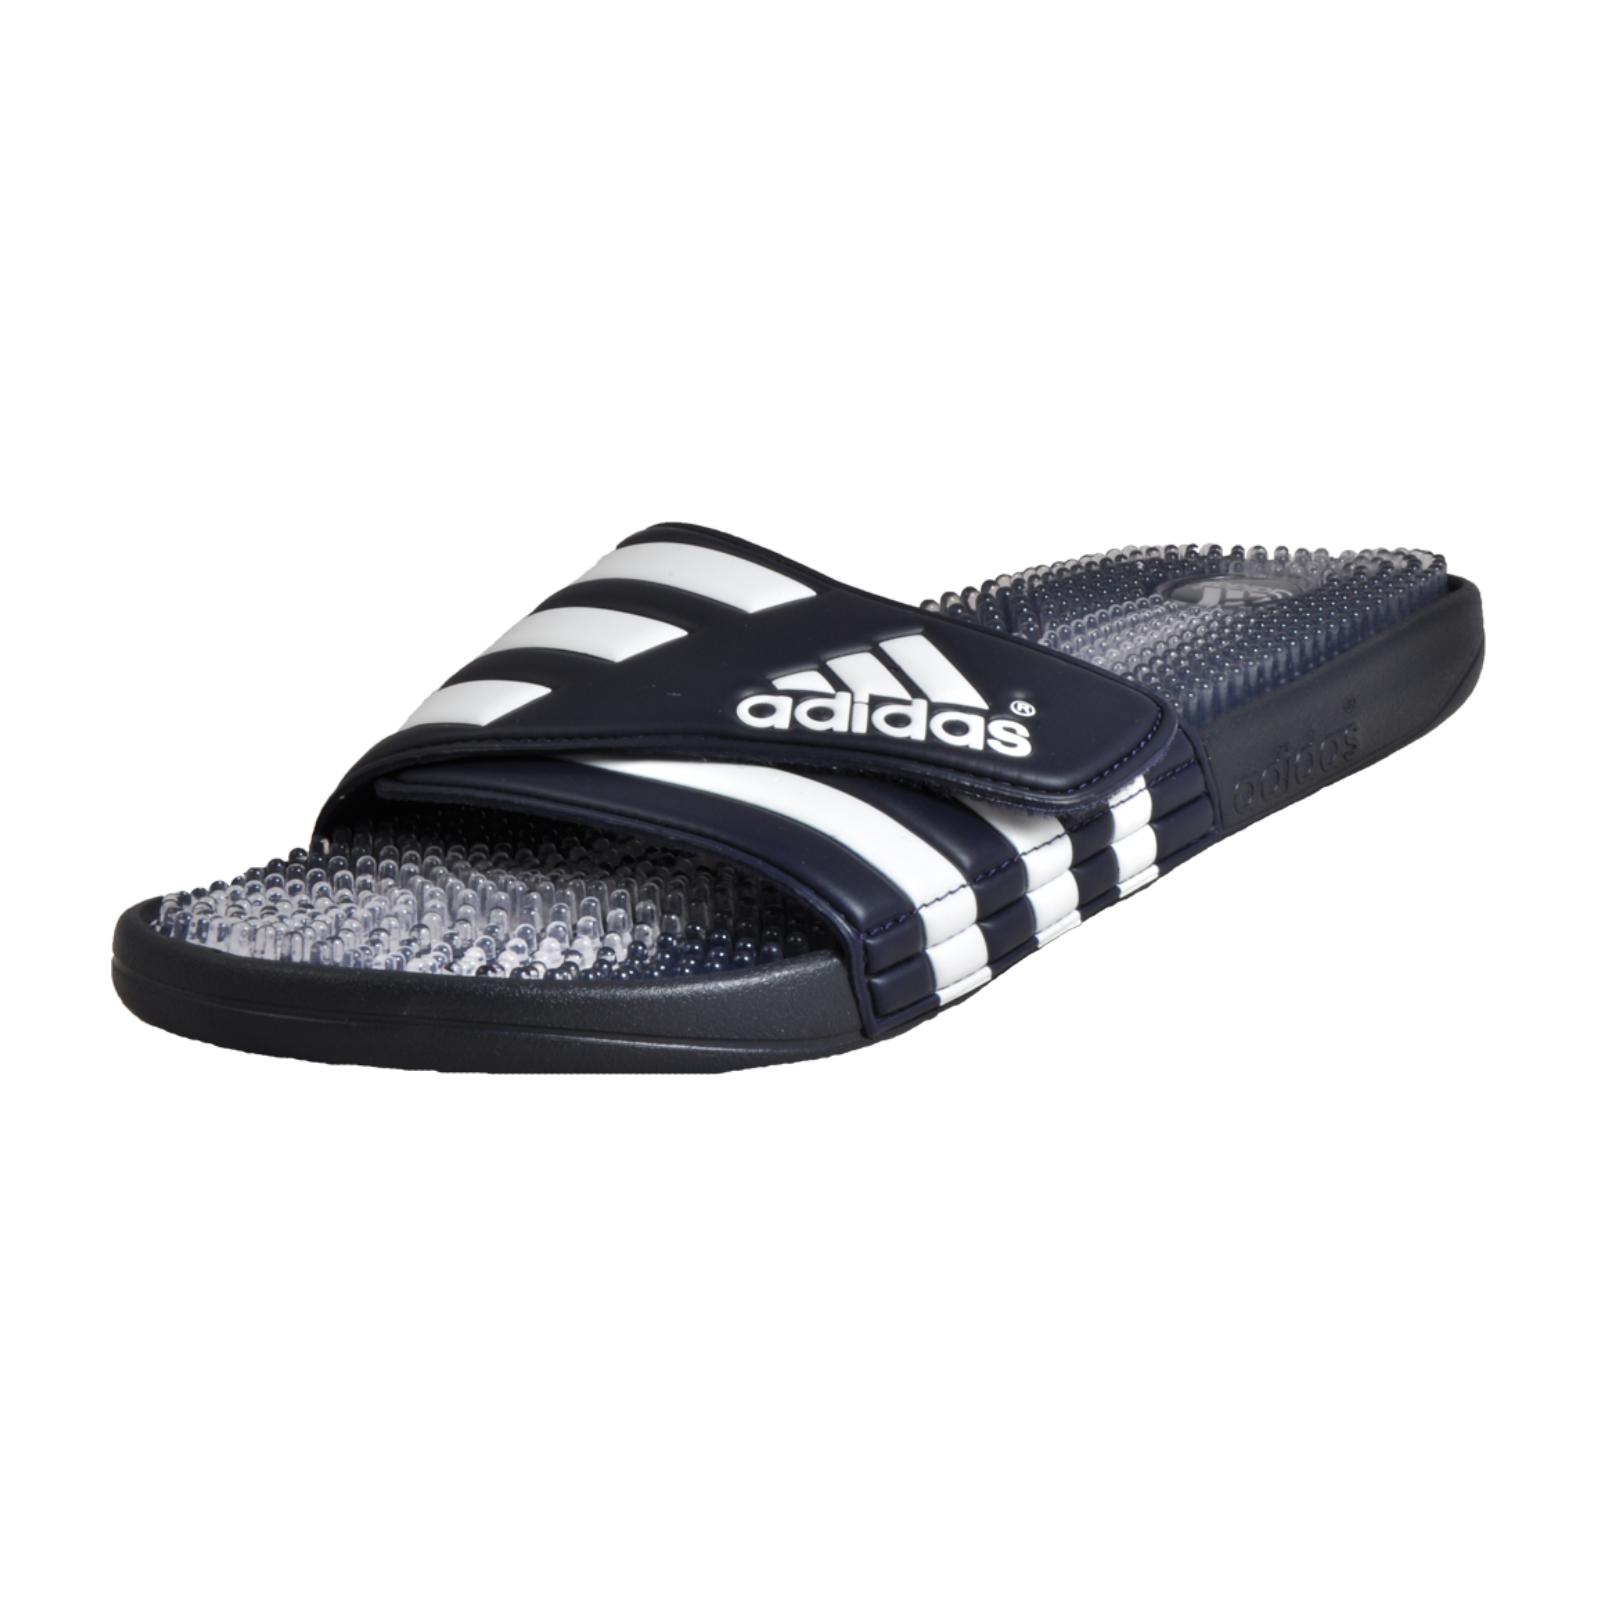 best website f7d69 017d2 ... sports shoes 8244a 9e54b Adidas Santiossage Mens Slides Beach Flip  Flops Shower Sandals Navy Big Sizes ...